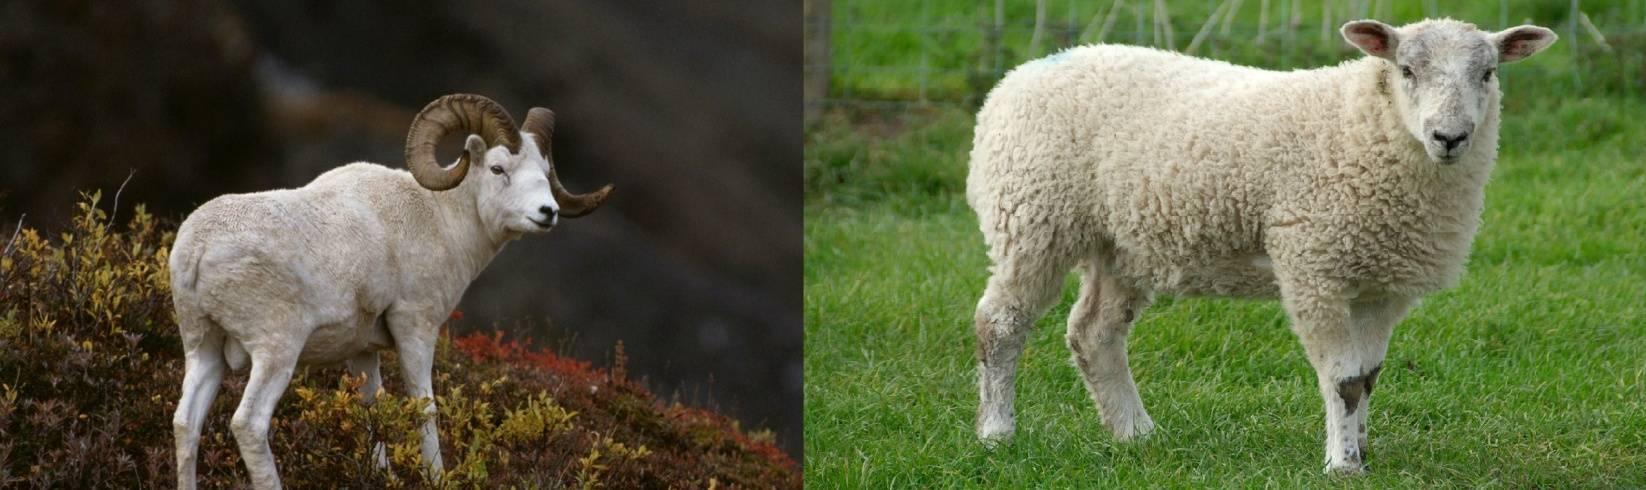 Описание и характеристика овец горьковской породы, правила их содержания